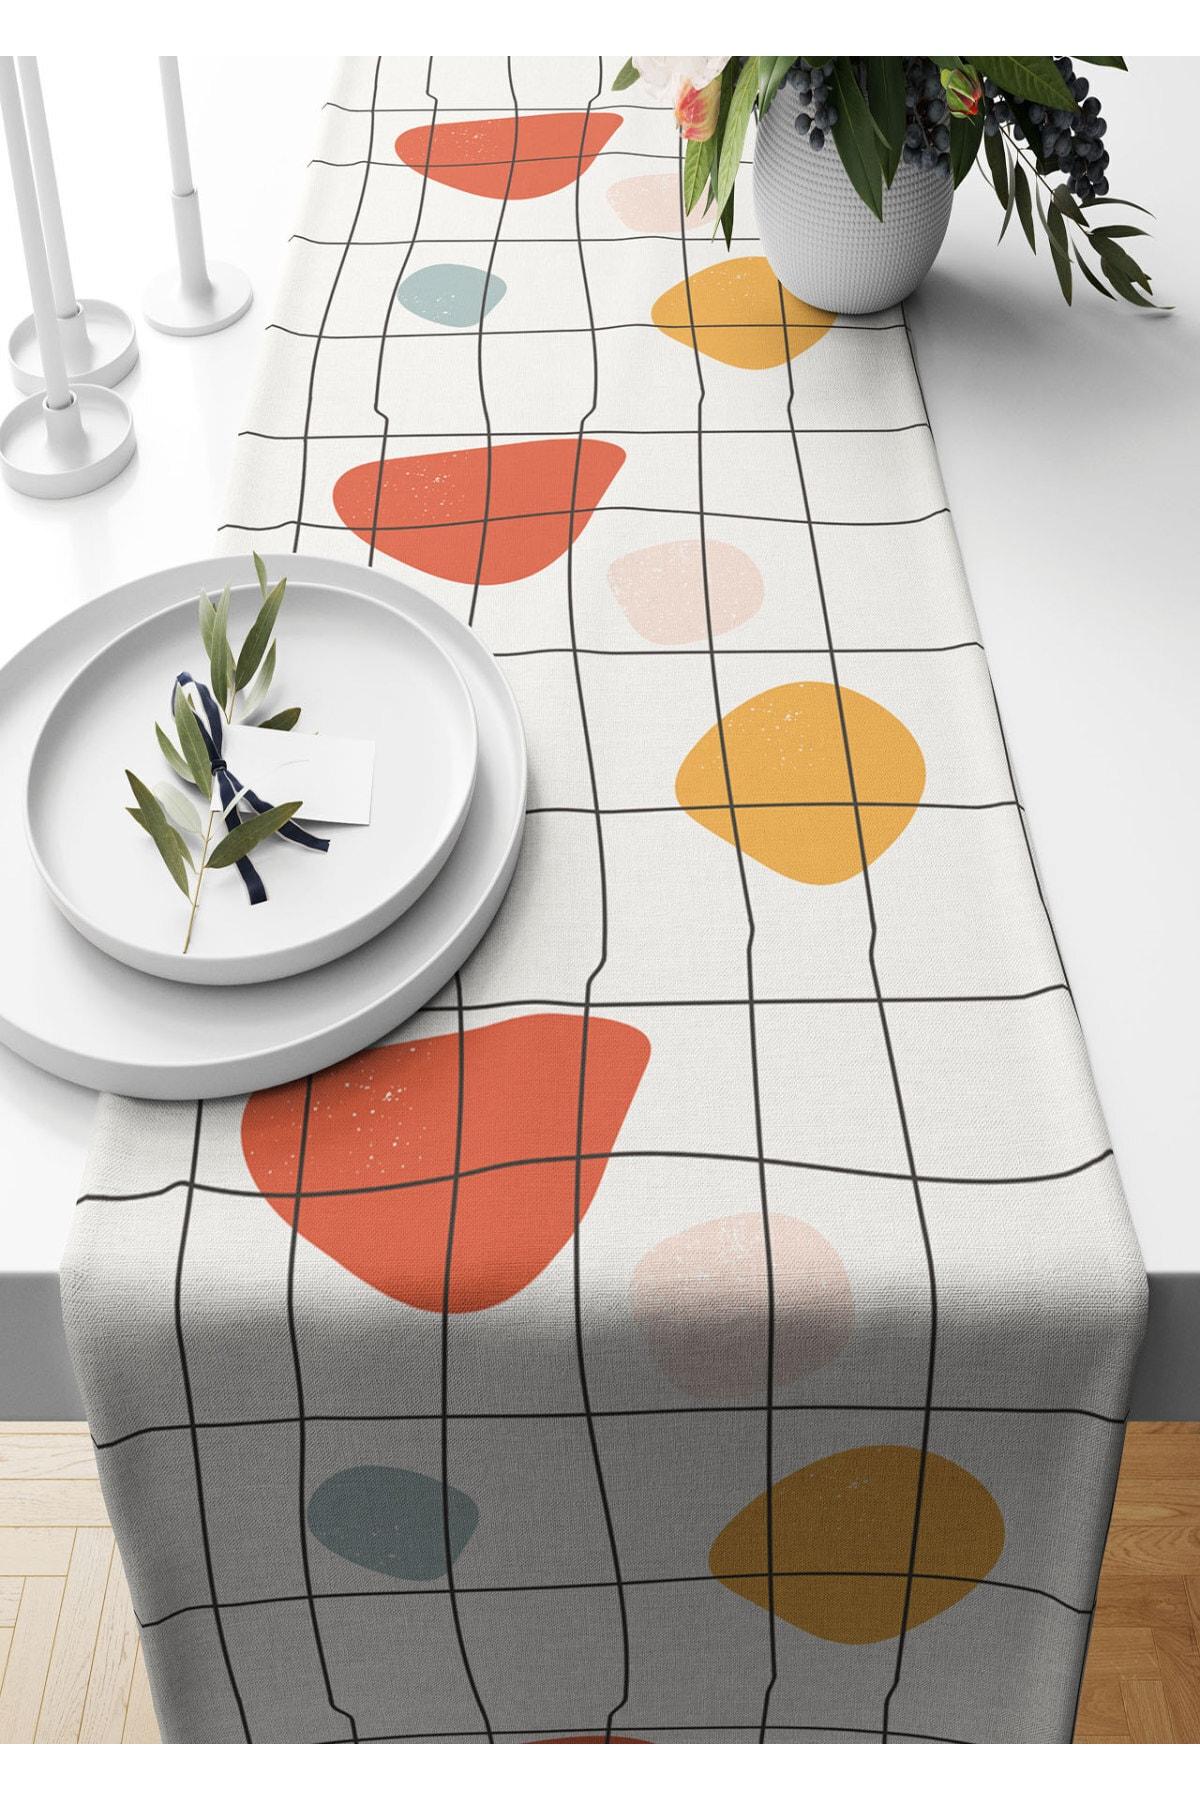 عداء 40*140 سم مجردة محكم من جلد الغزال المنسوجة مفرش طاولة غرفة المعيشة المطبخ